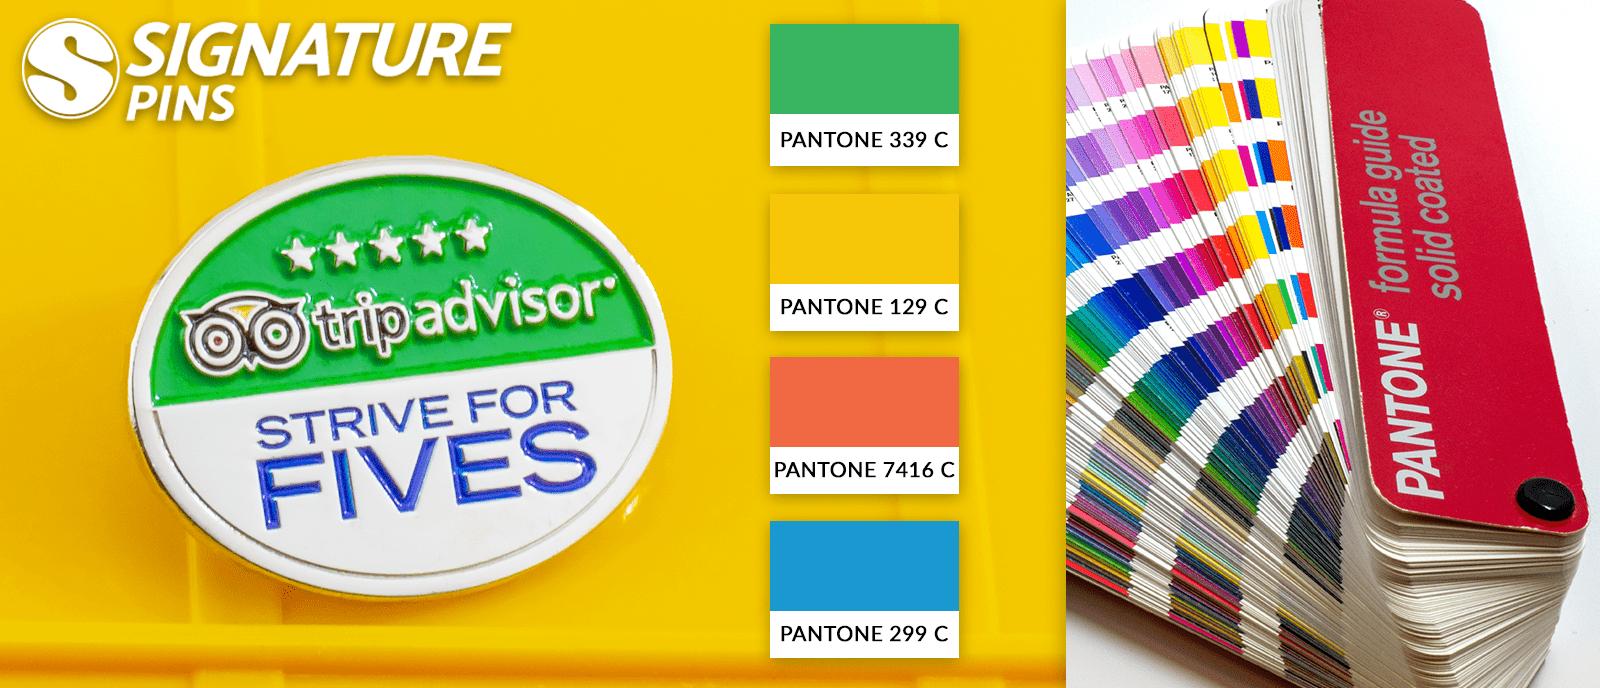 lapel pins tripadvisor pantone colors - signature pins 3